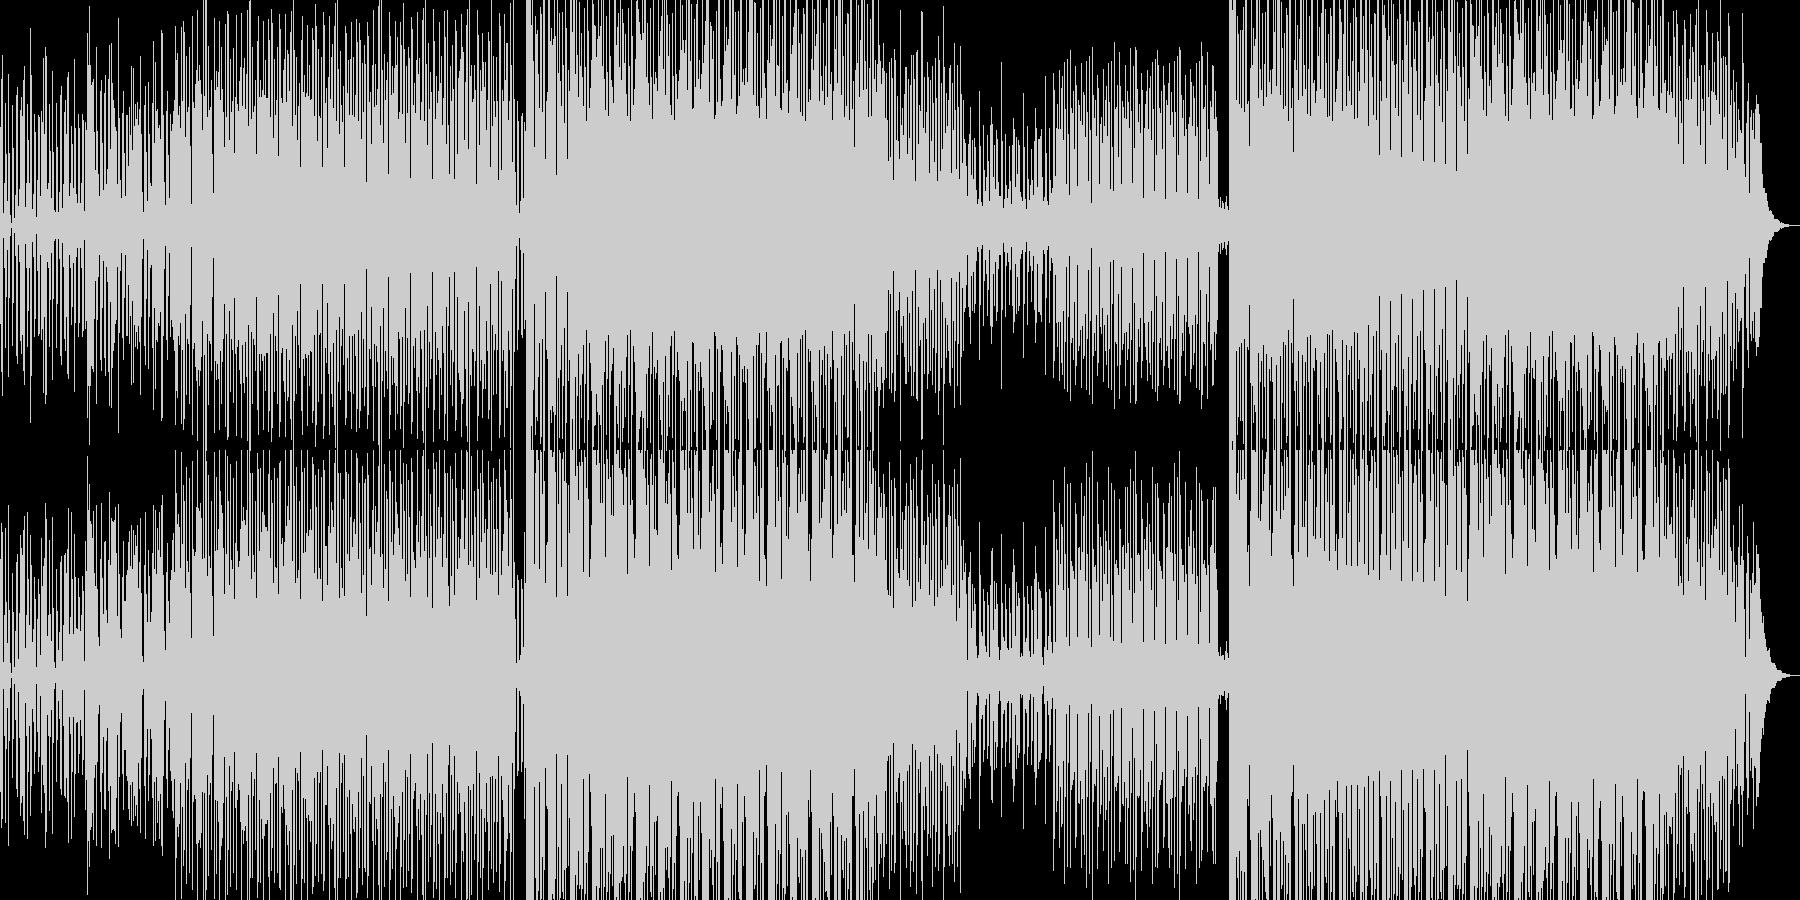 ニュース向けBGM(リズムグルーヴ)の未再生の波形